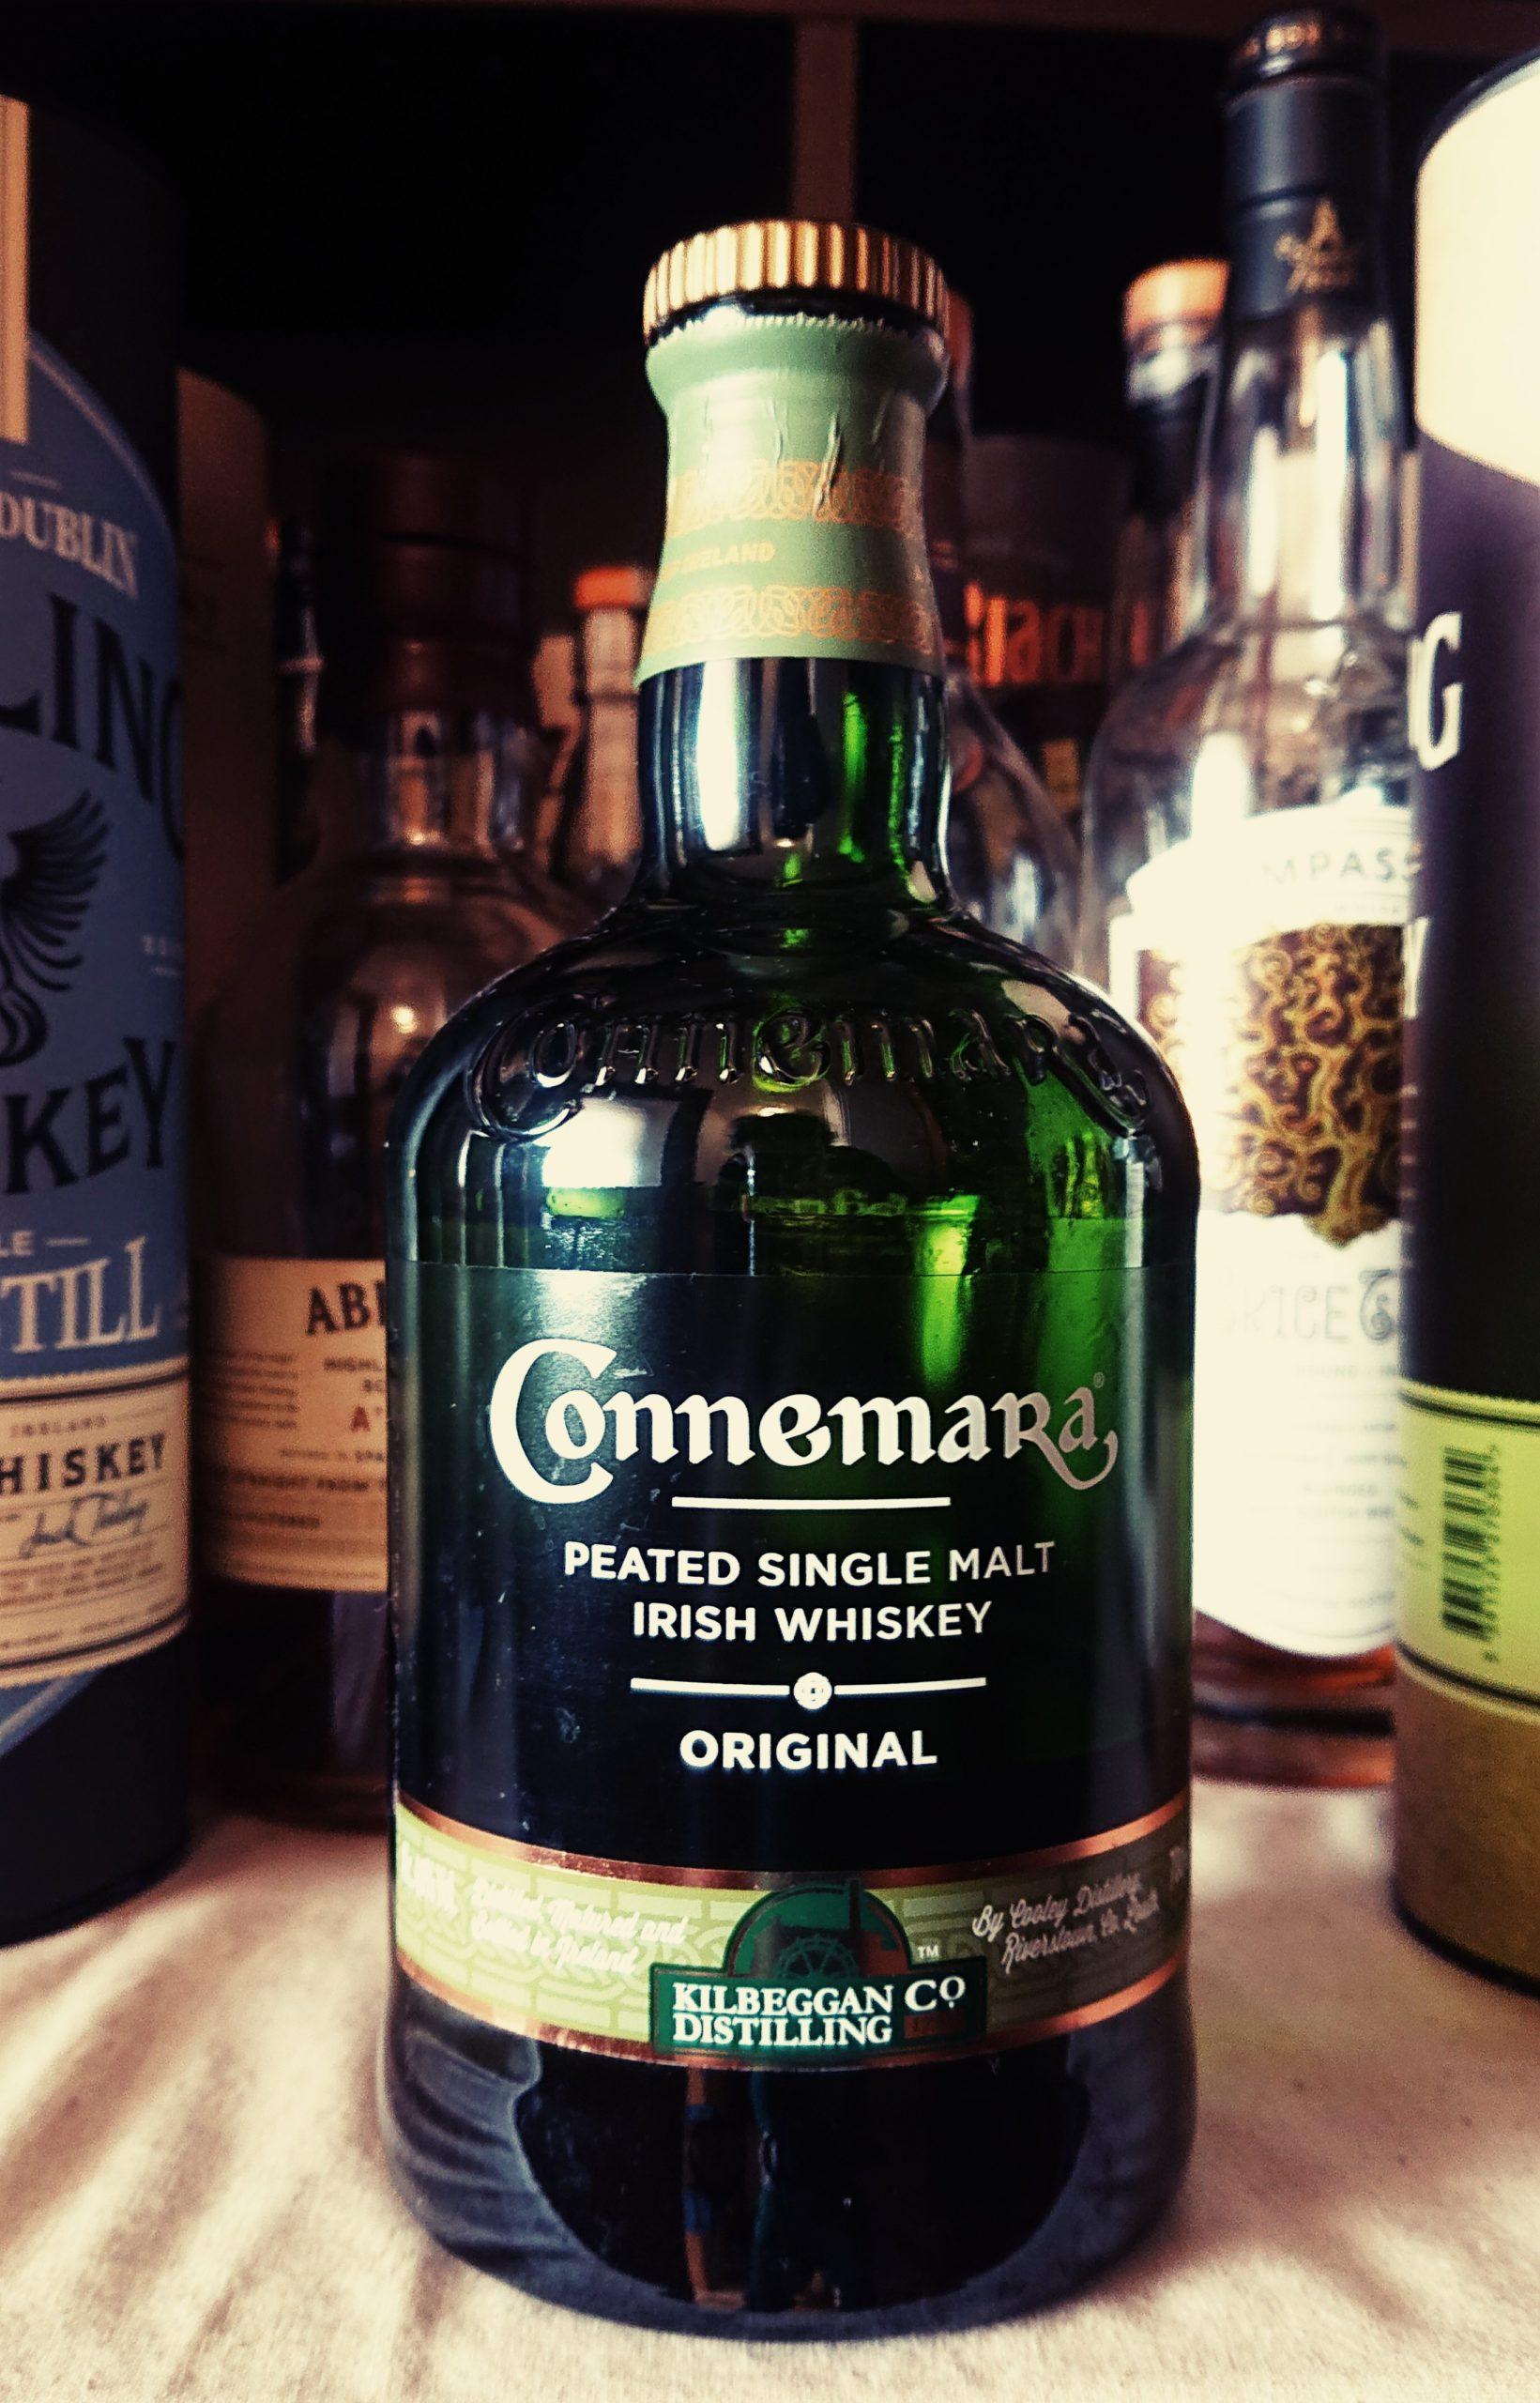 カネマラのテイスティング&レヴュー・クーリー蒸溜所が放つ異端児。20世紀アイリッシュウイスキー初のピーティなウイスキー!